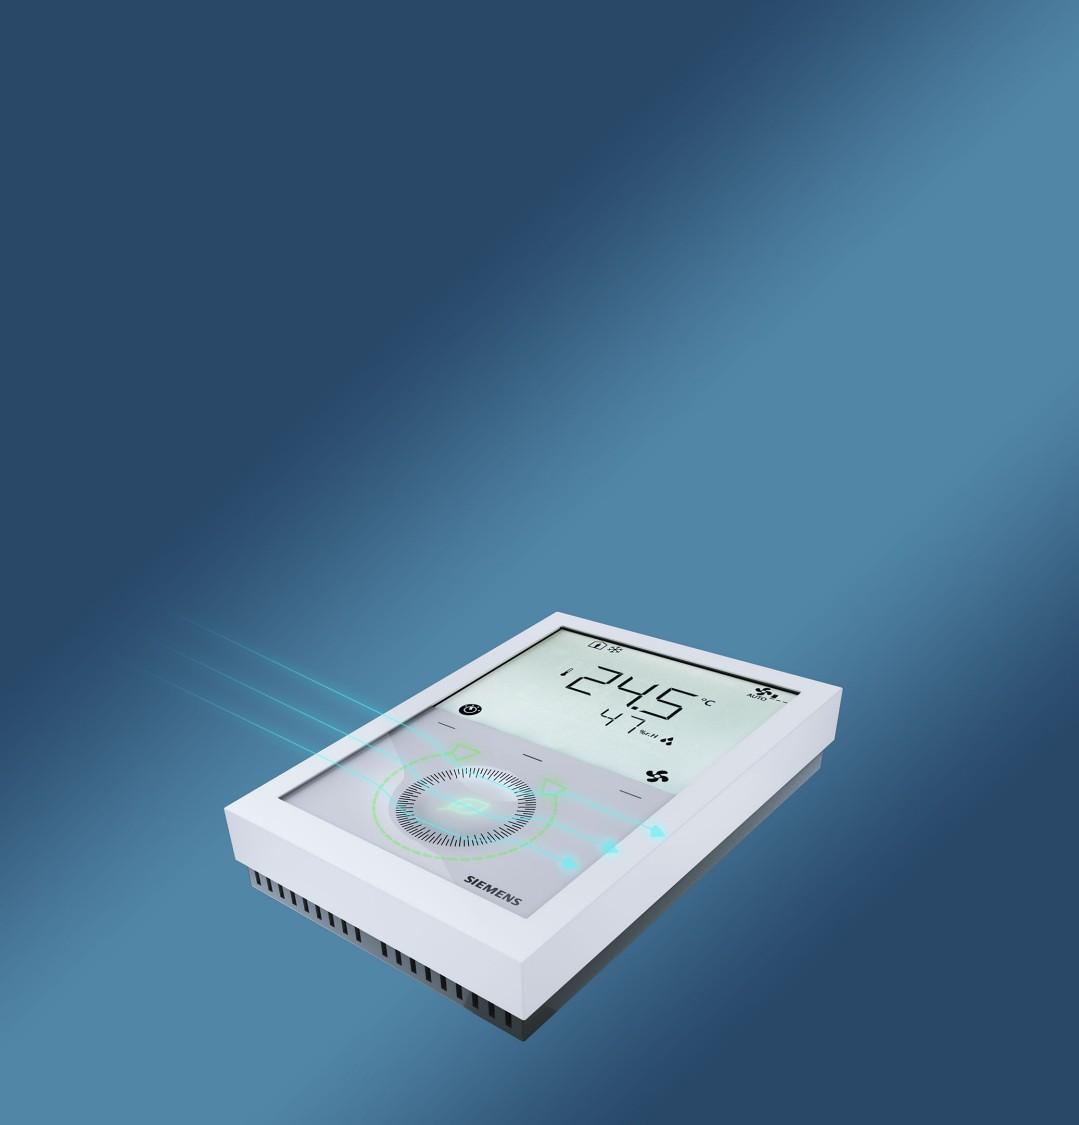 Gamme de thermostat RDG200